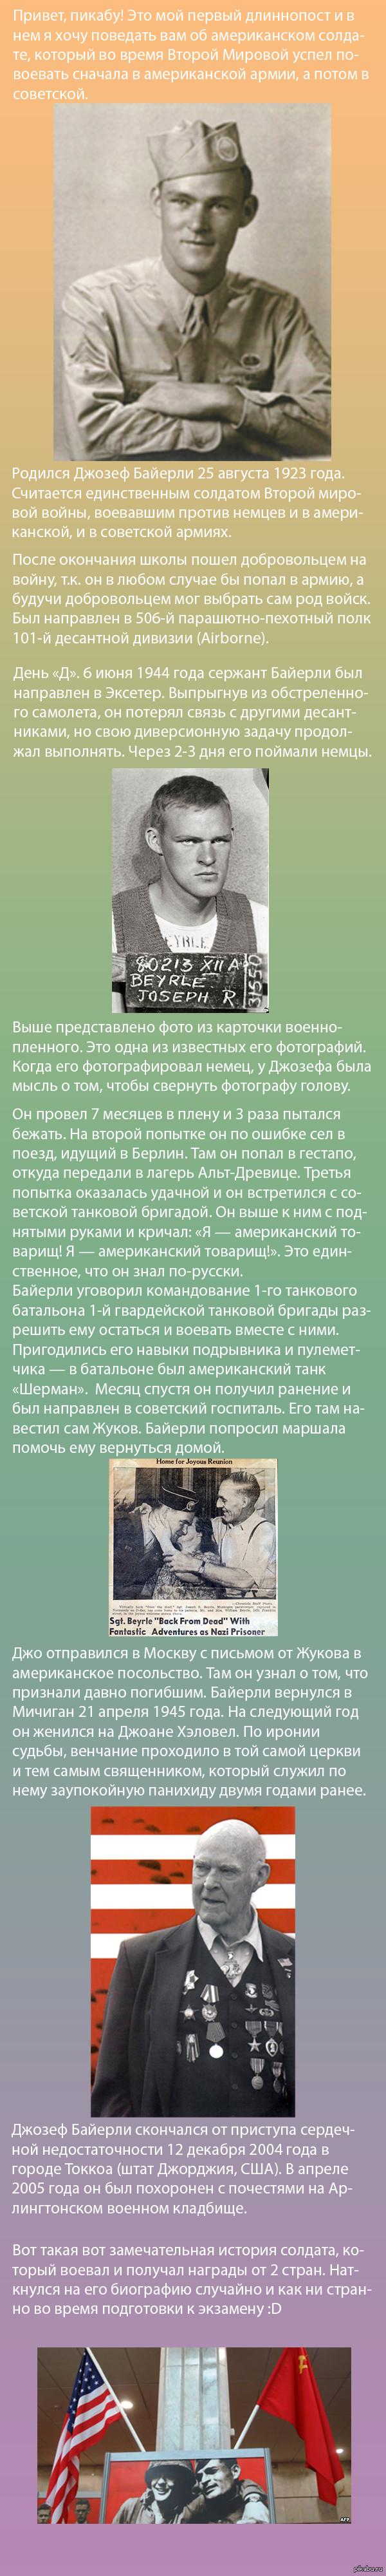 Джозеф Байерли: американский и советский солдат Мой первый длиннопост о одном американо-советском солдате :)